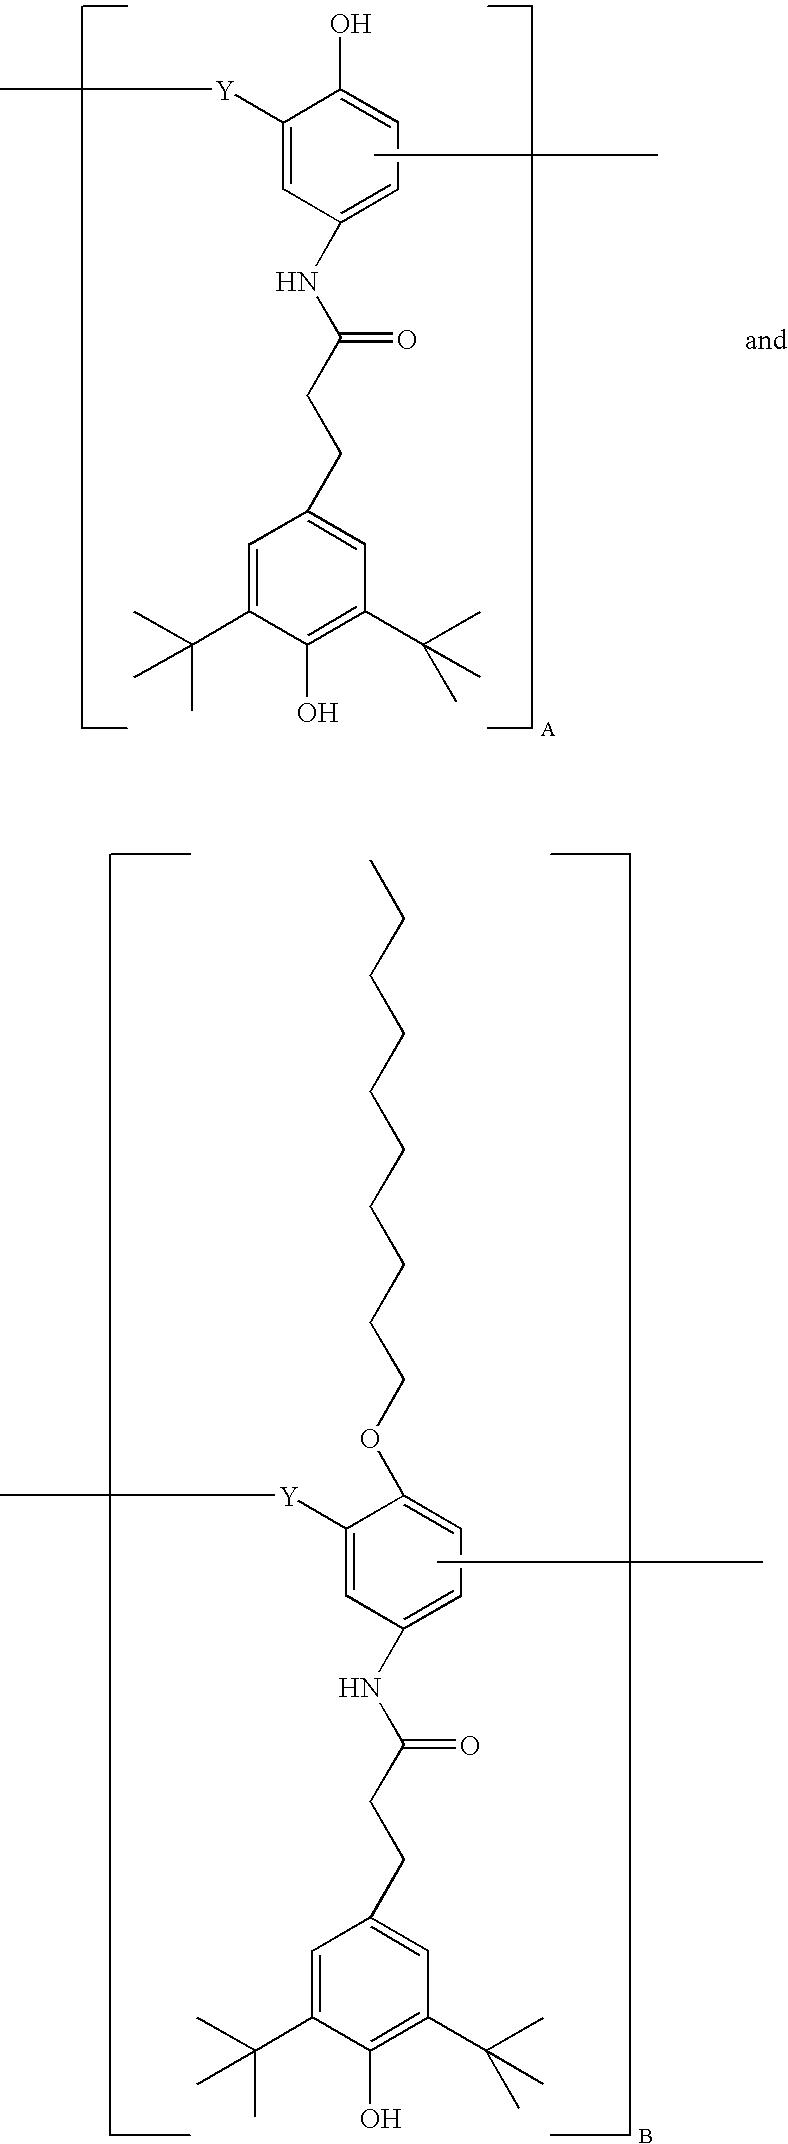 Figure US20060233741A1-20061019-C00162